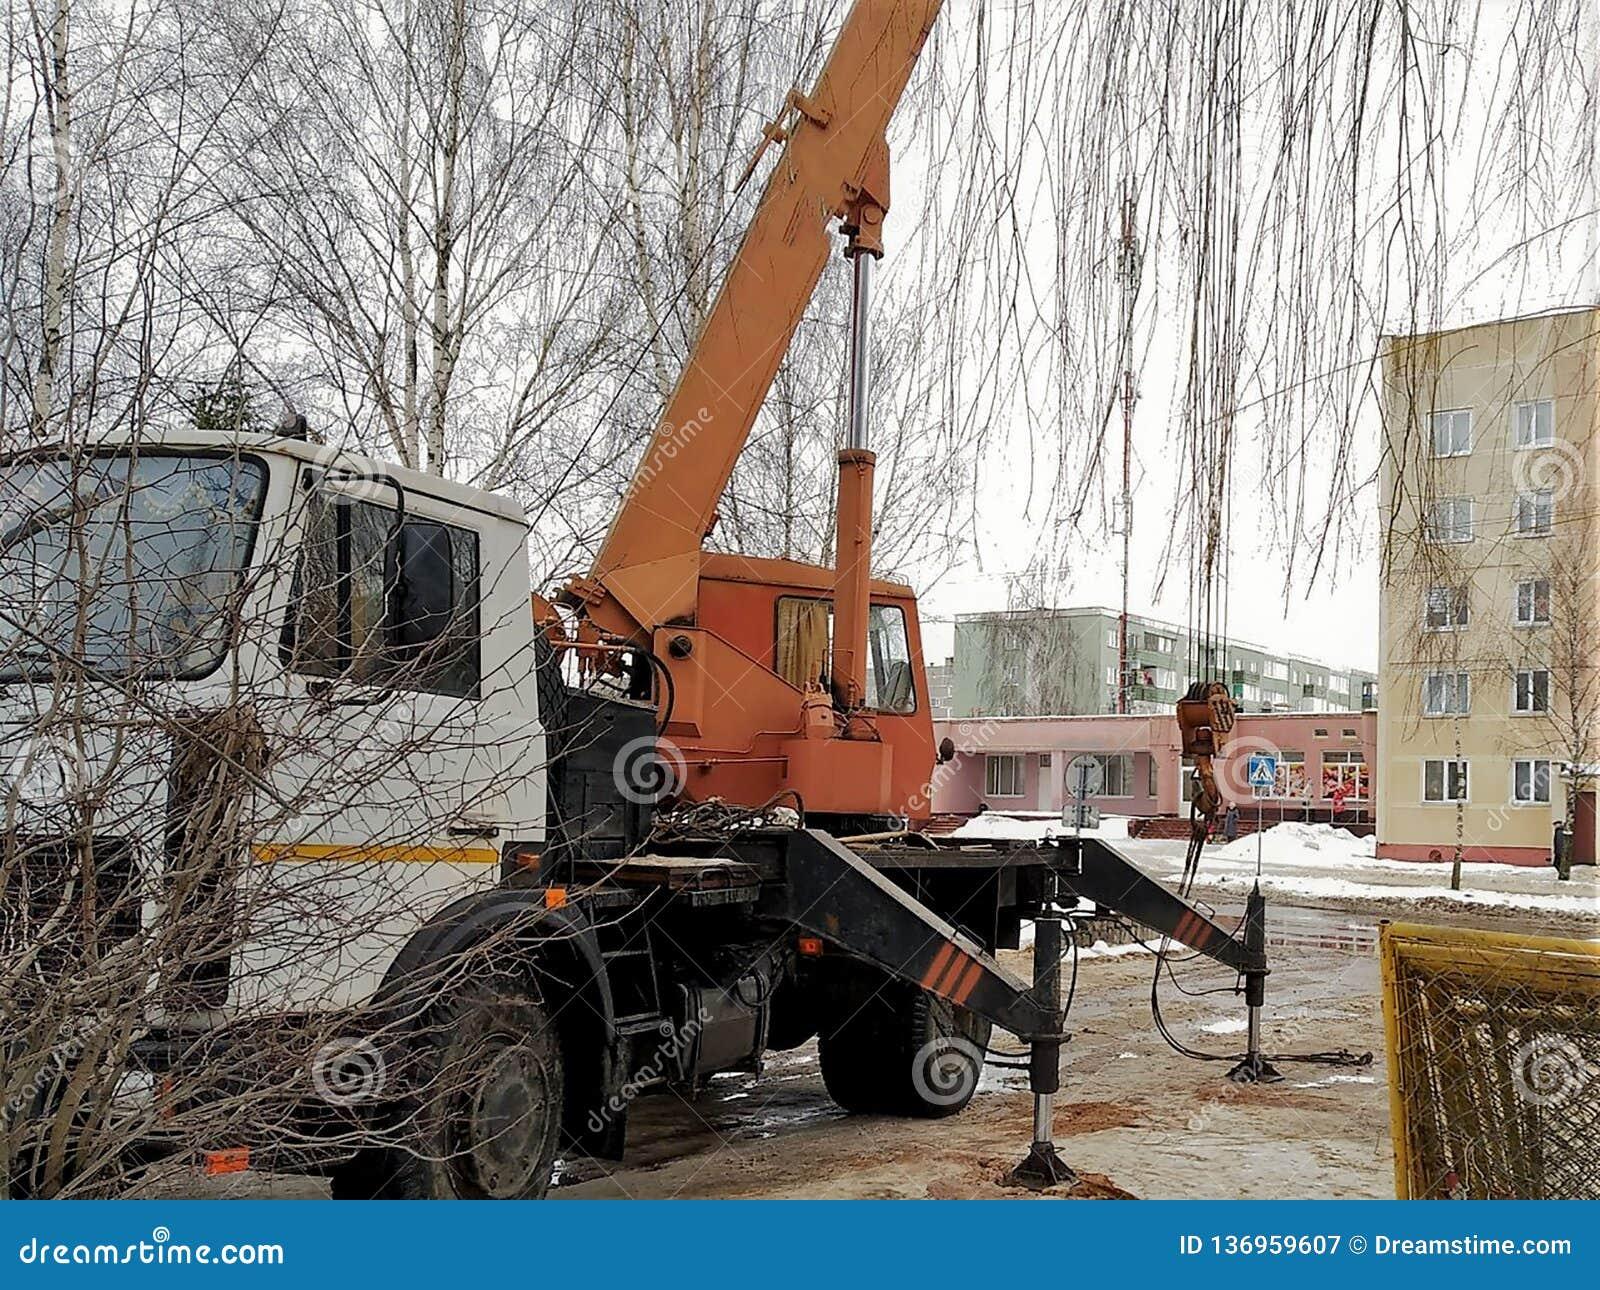 Construcciones de la reparación, perforación del pozo el equipo con bisagras en el tractor, funcionamiento, contra la perspectiva